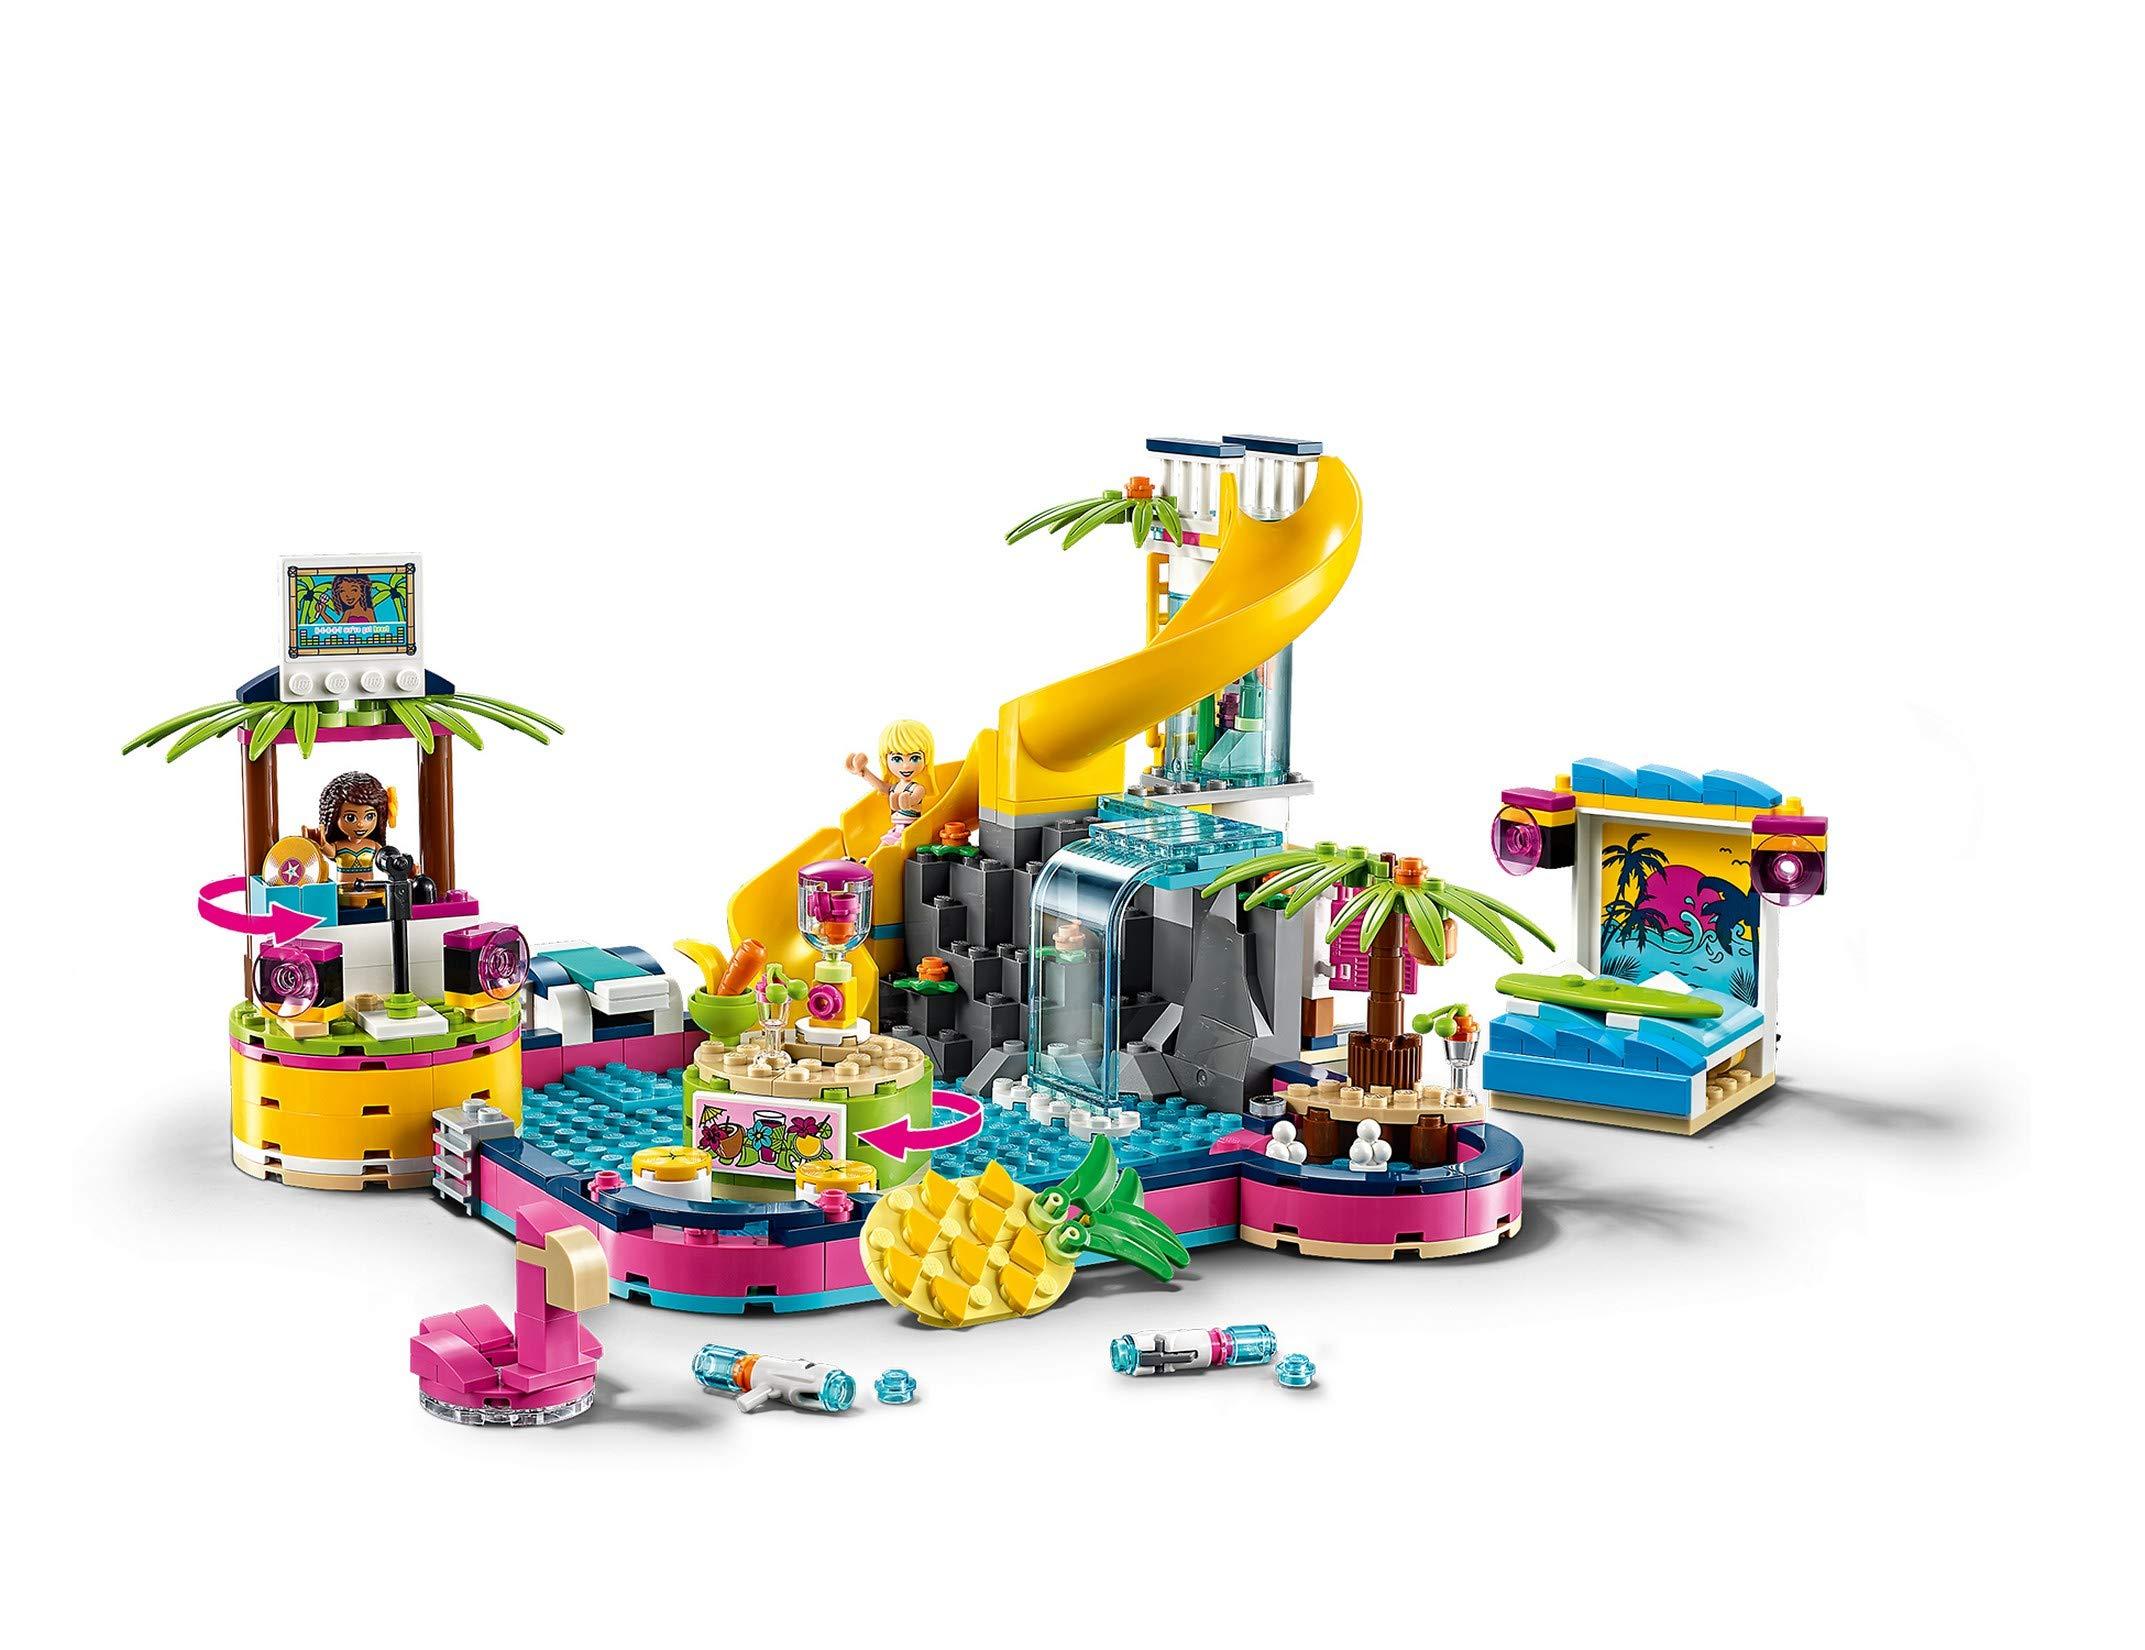 LEGO - Friends La festa in piscina con le Mini-Doll Andrea e Stephanie, DJ Box, Acquario e Pesce, Idea Regalo, 41374 3 spesavip